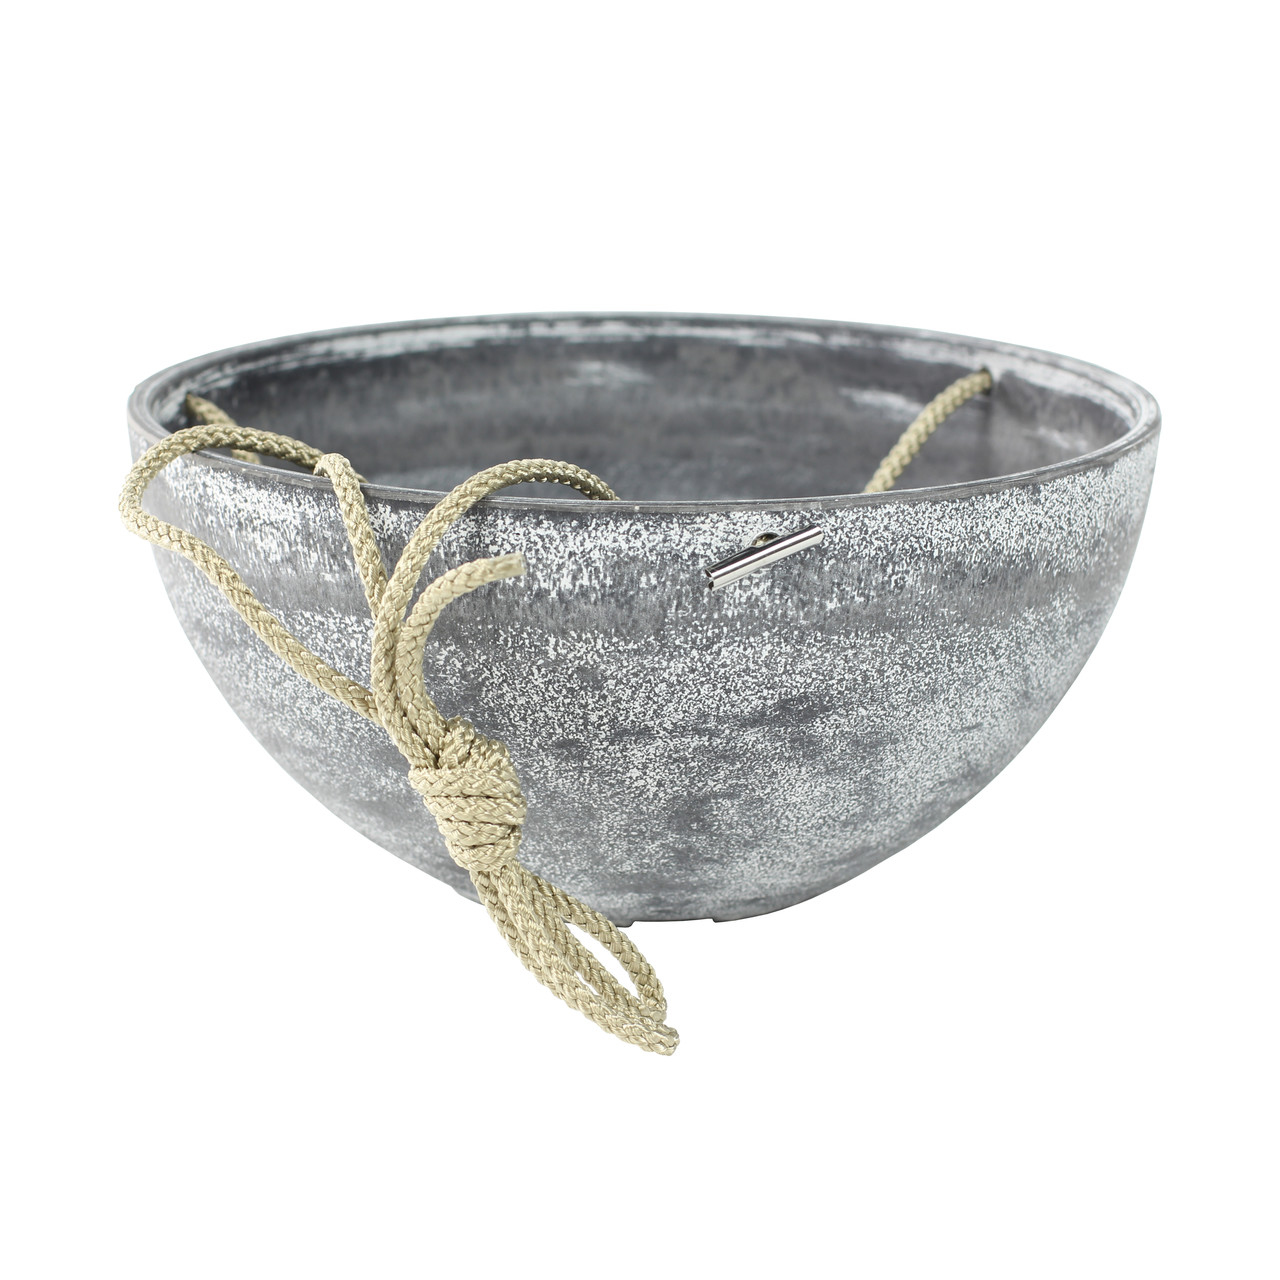 Hangende pot raw concrete D35 H17